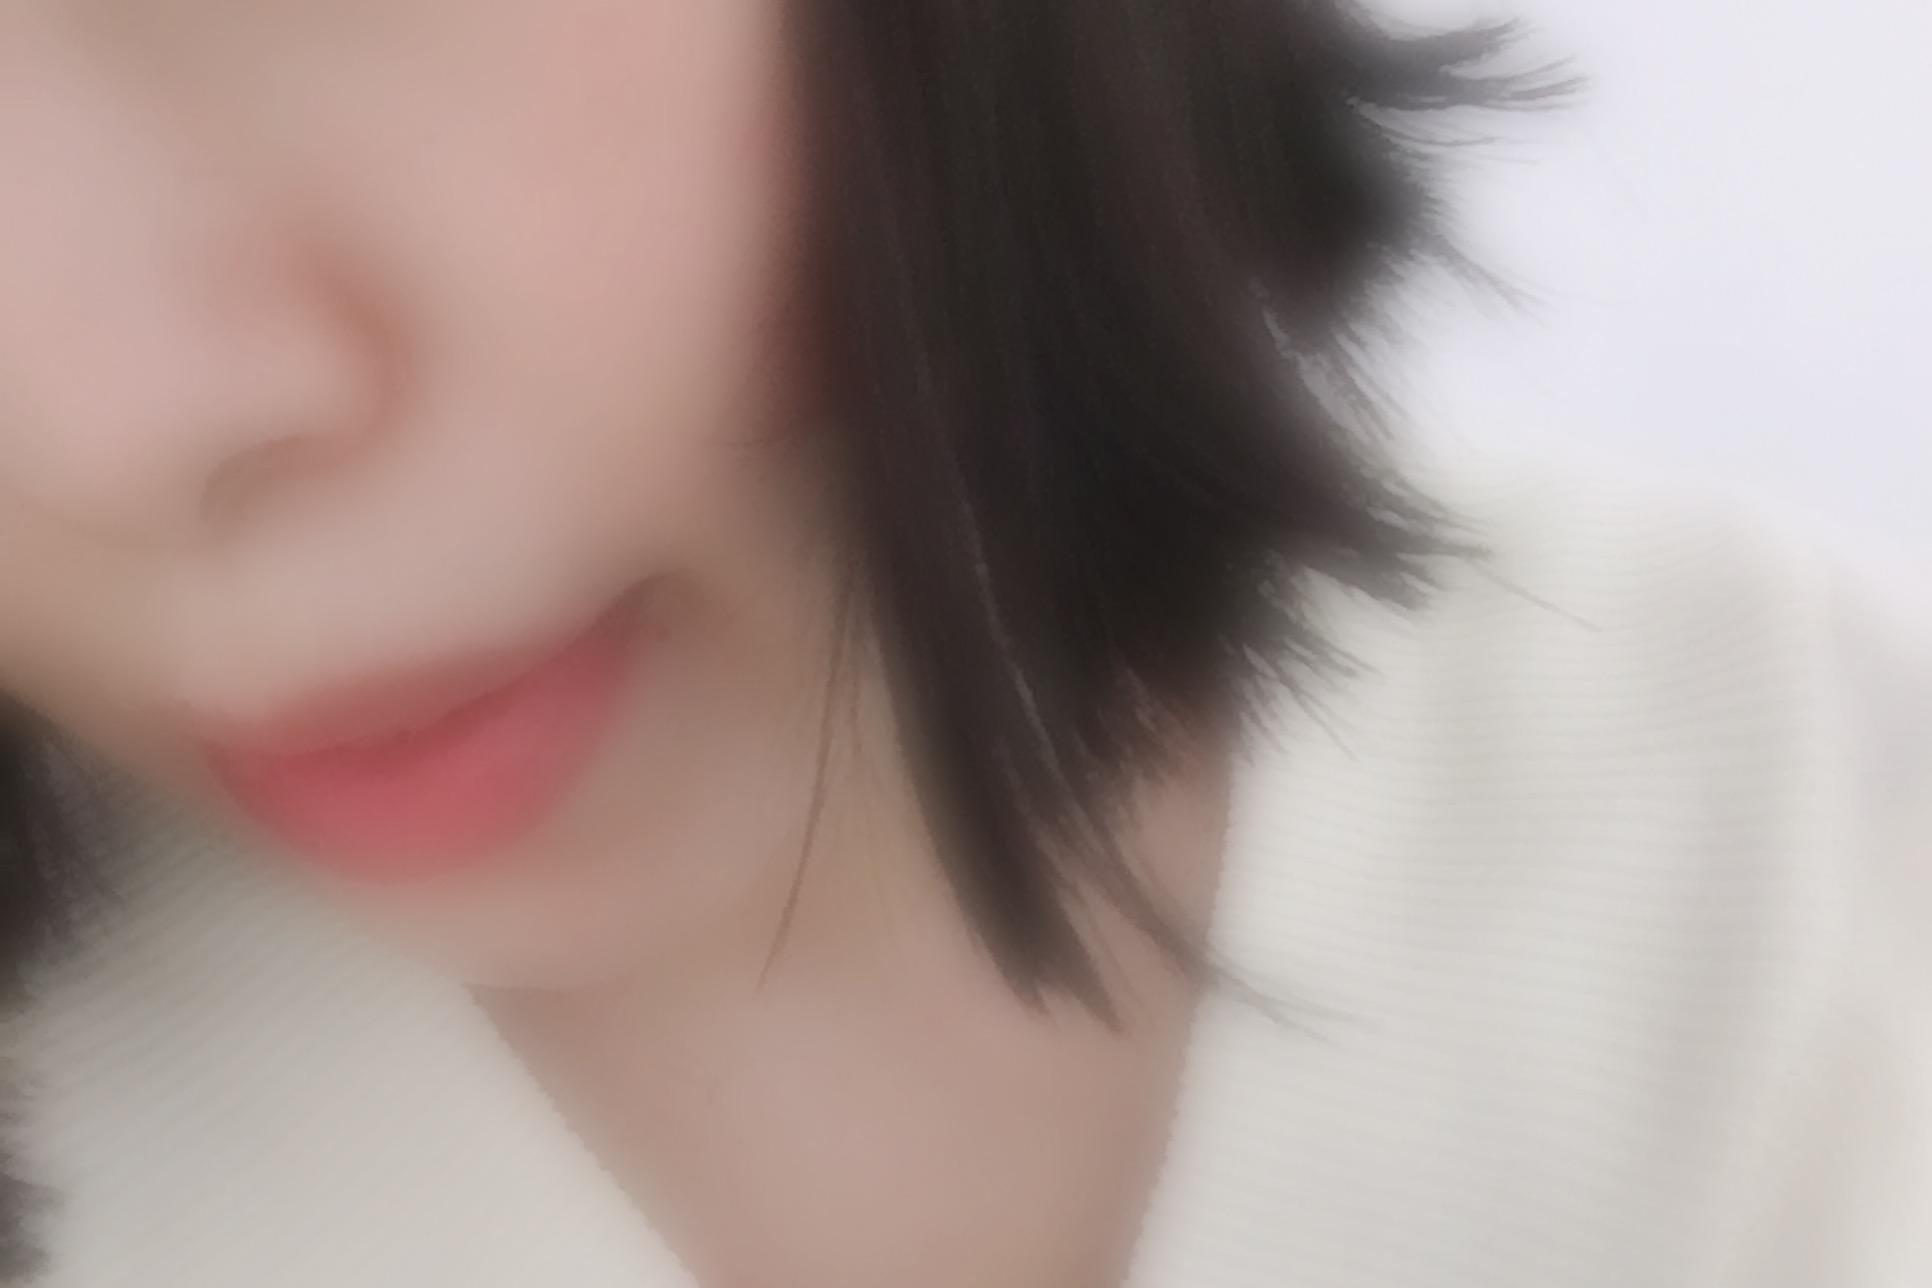 三井 紗和「こんにちわ」10/11(金) 17:36 | 三井 紗和の写メ・風俗動画